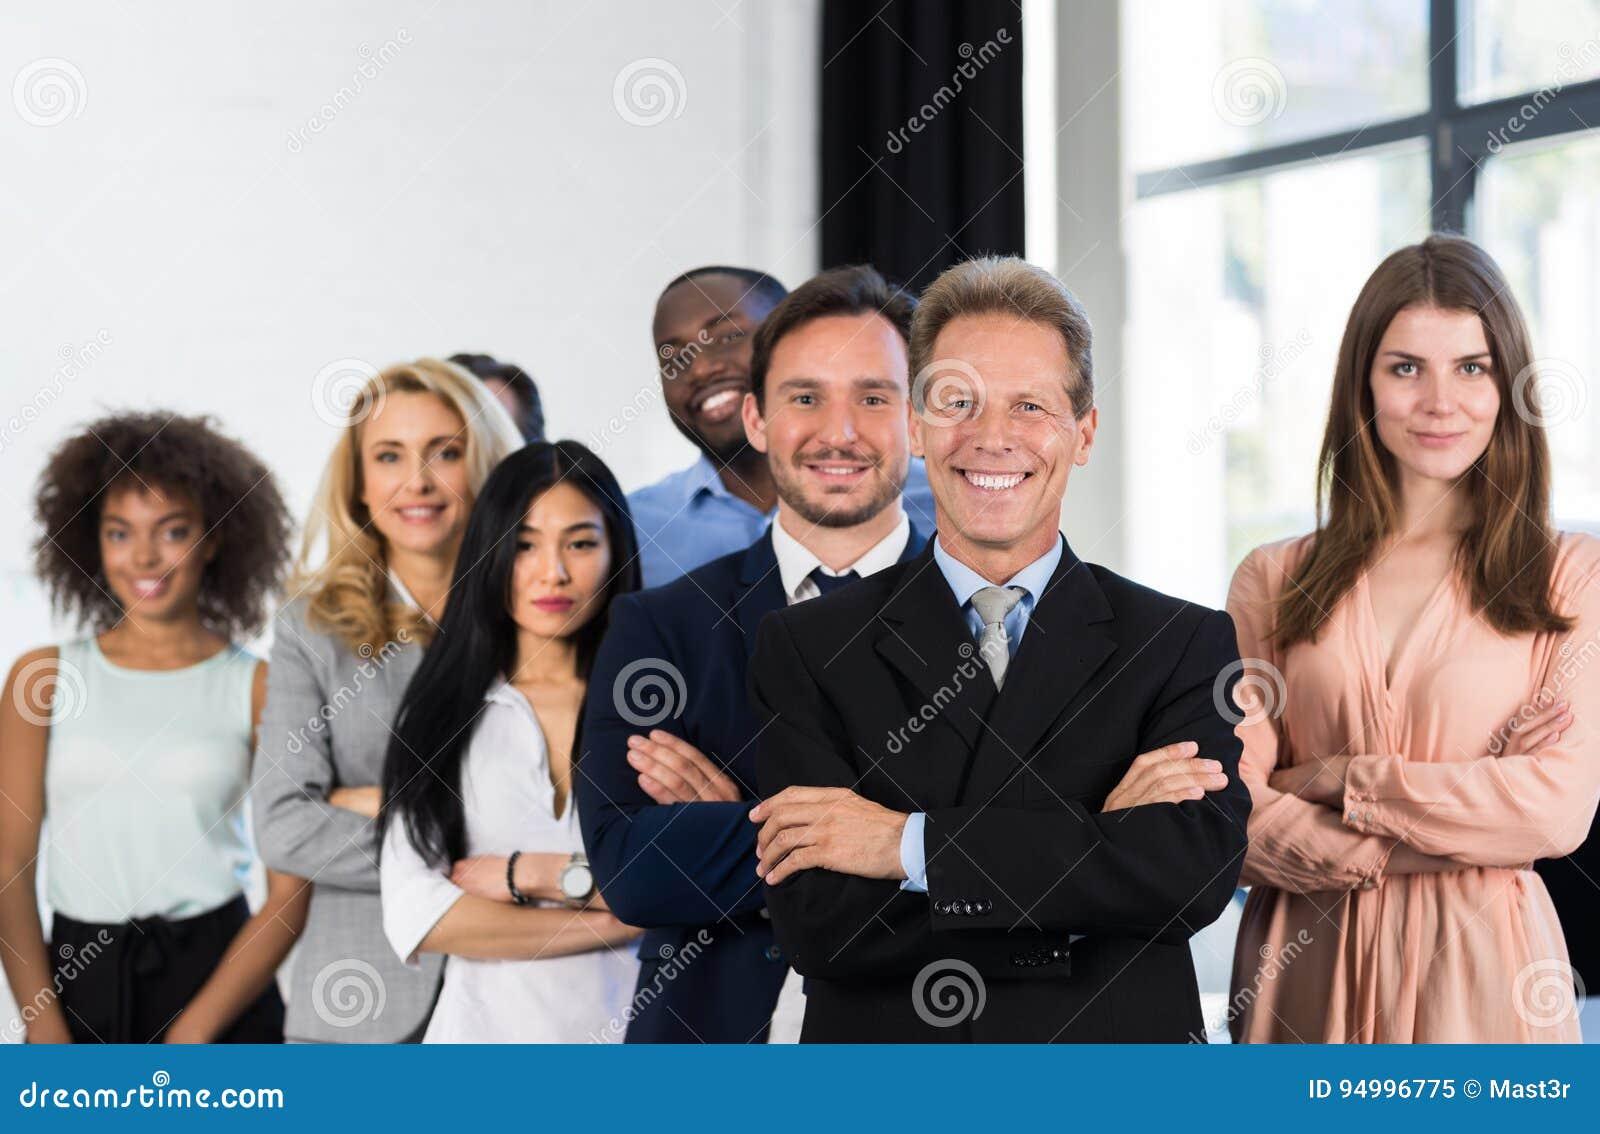 Persone di affari di With Group Of del capo in ufficio creativo, riuscito uomo d affari maturo Leading Business People Team Stand